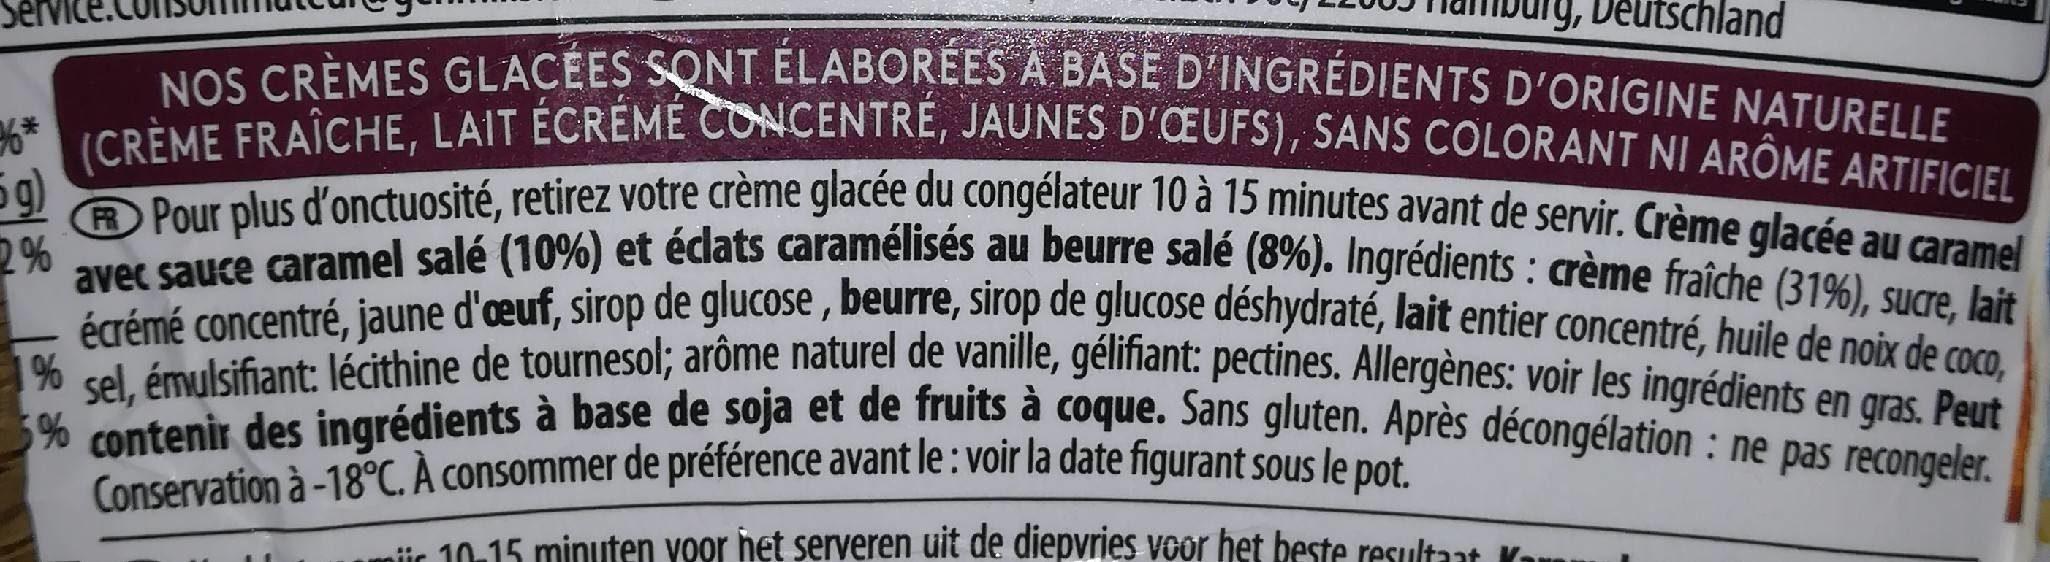 Salted caramel - Ingrédients - fr